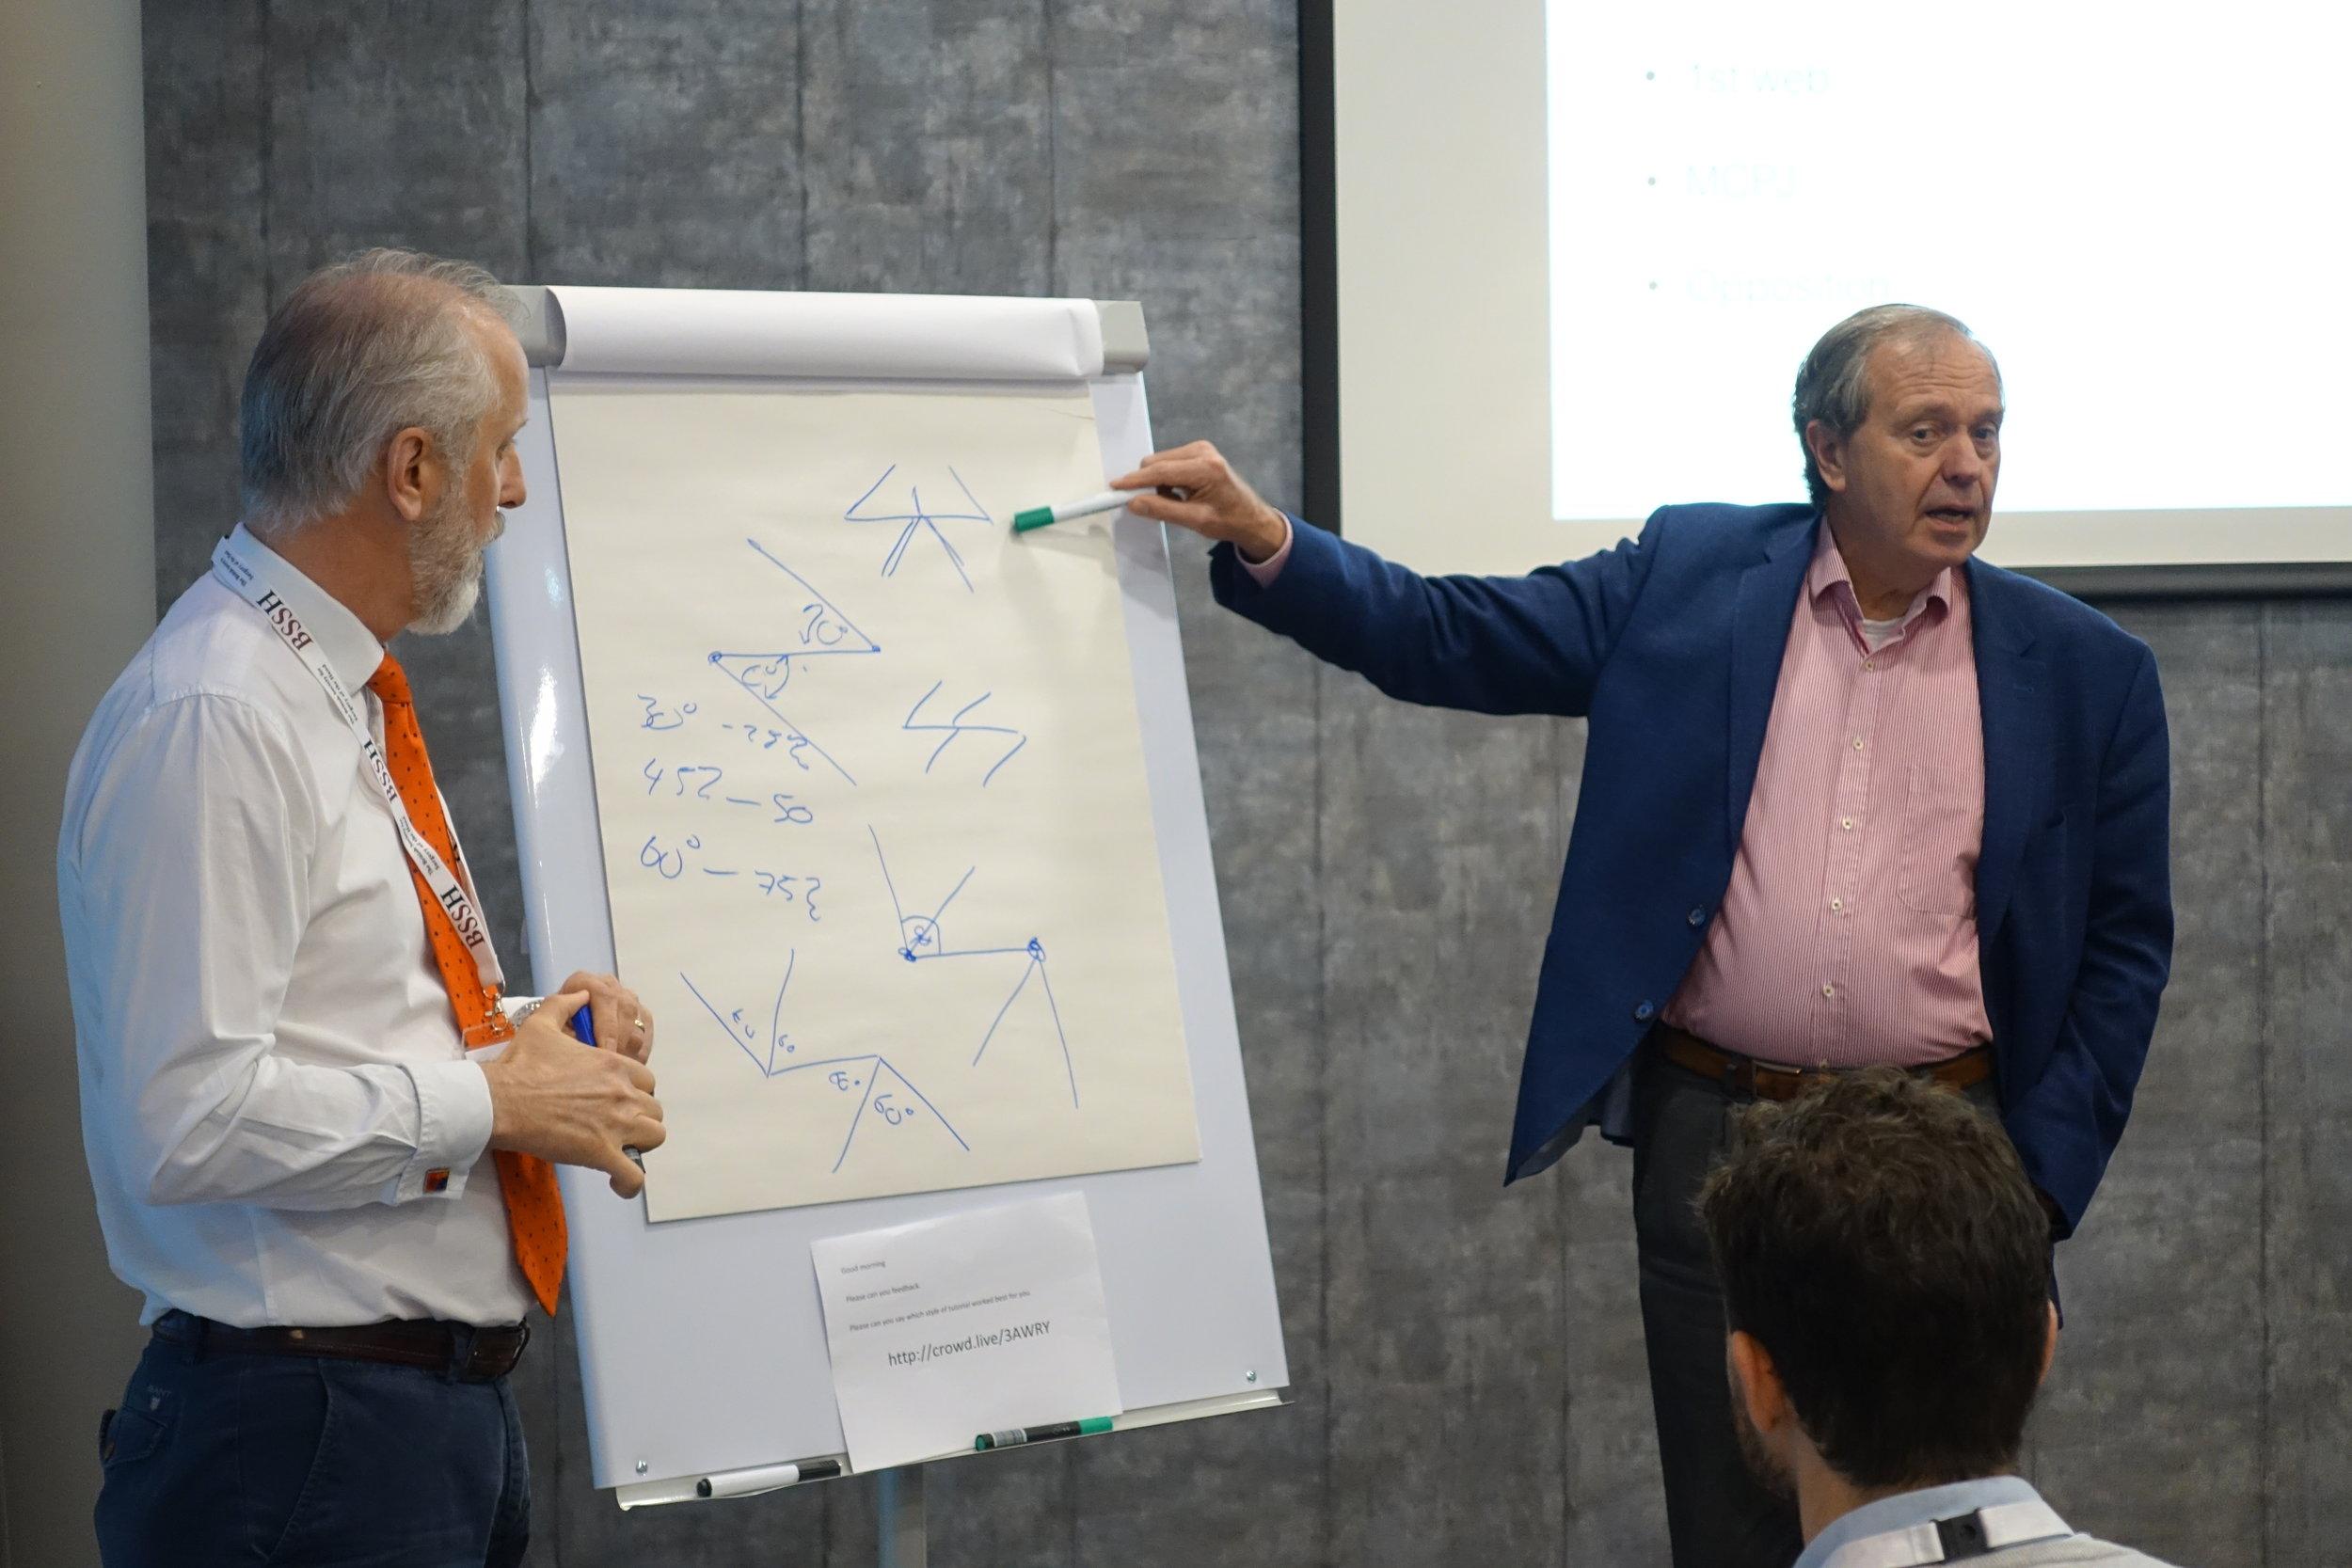 Mr Mark Pickford and Professor Steven Hovius